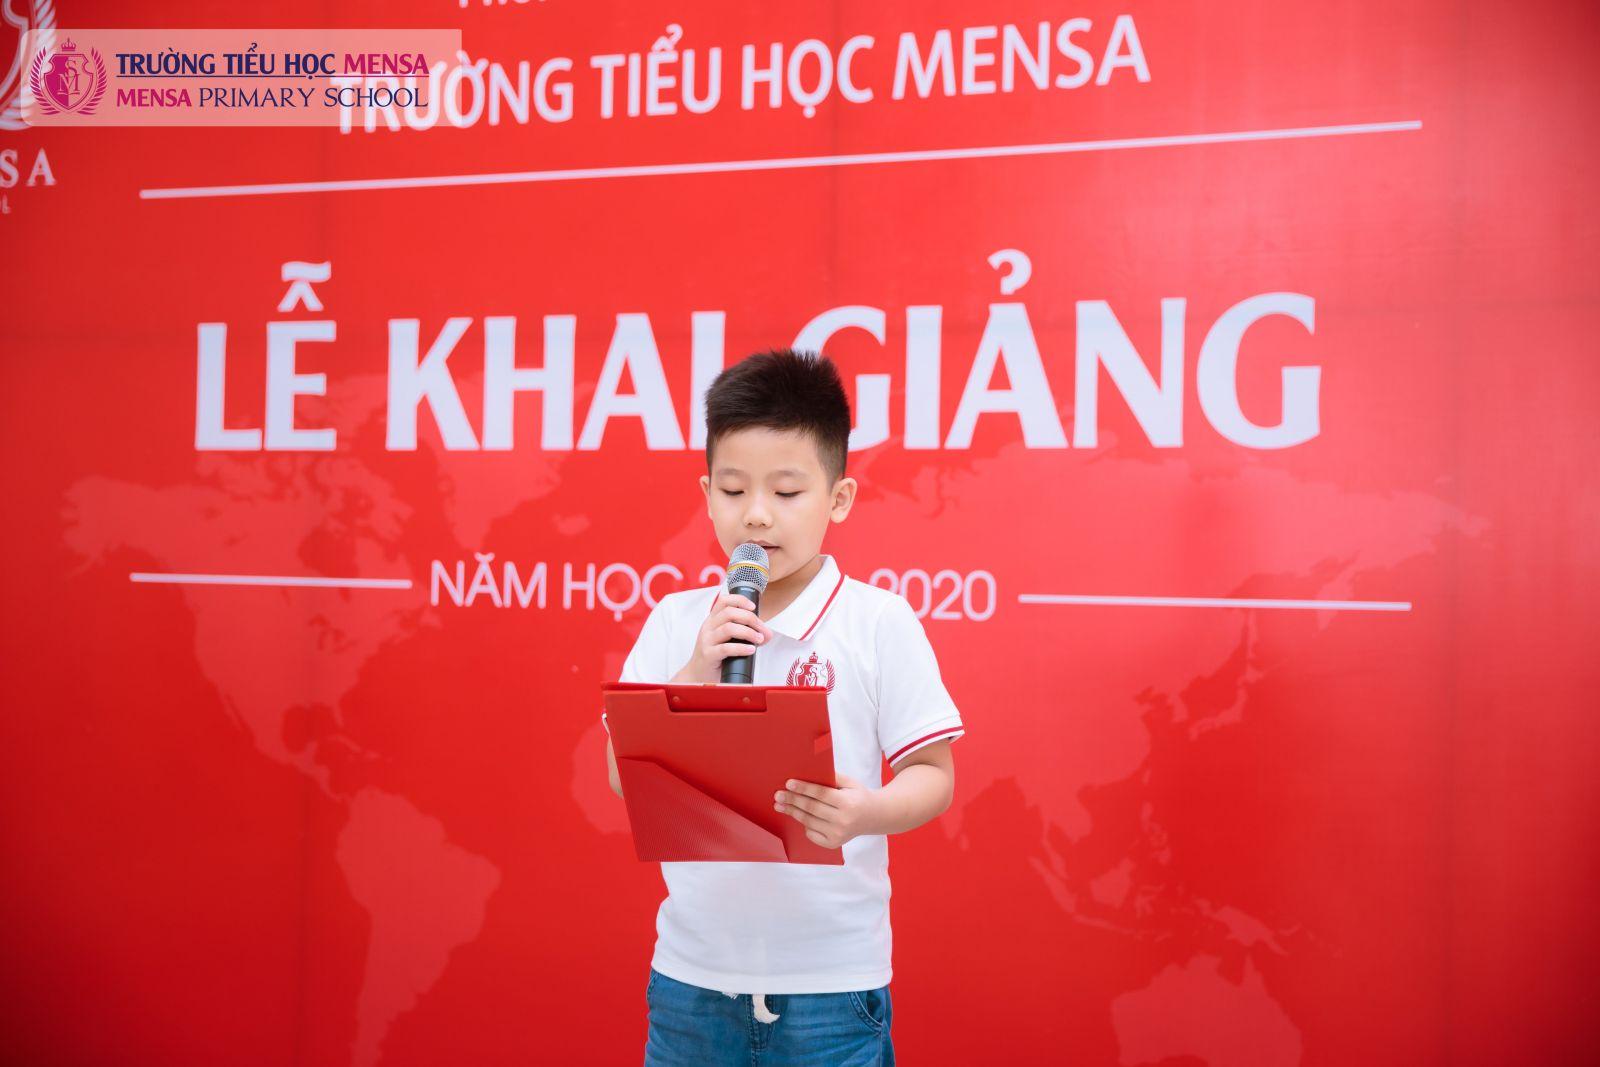 Đại diện học sinh nhà trường lên đọc lời hứa trong ngày khai giảng